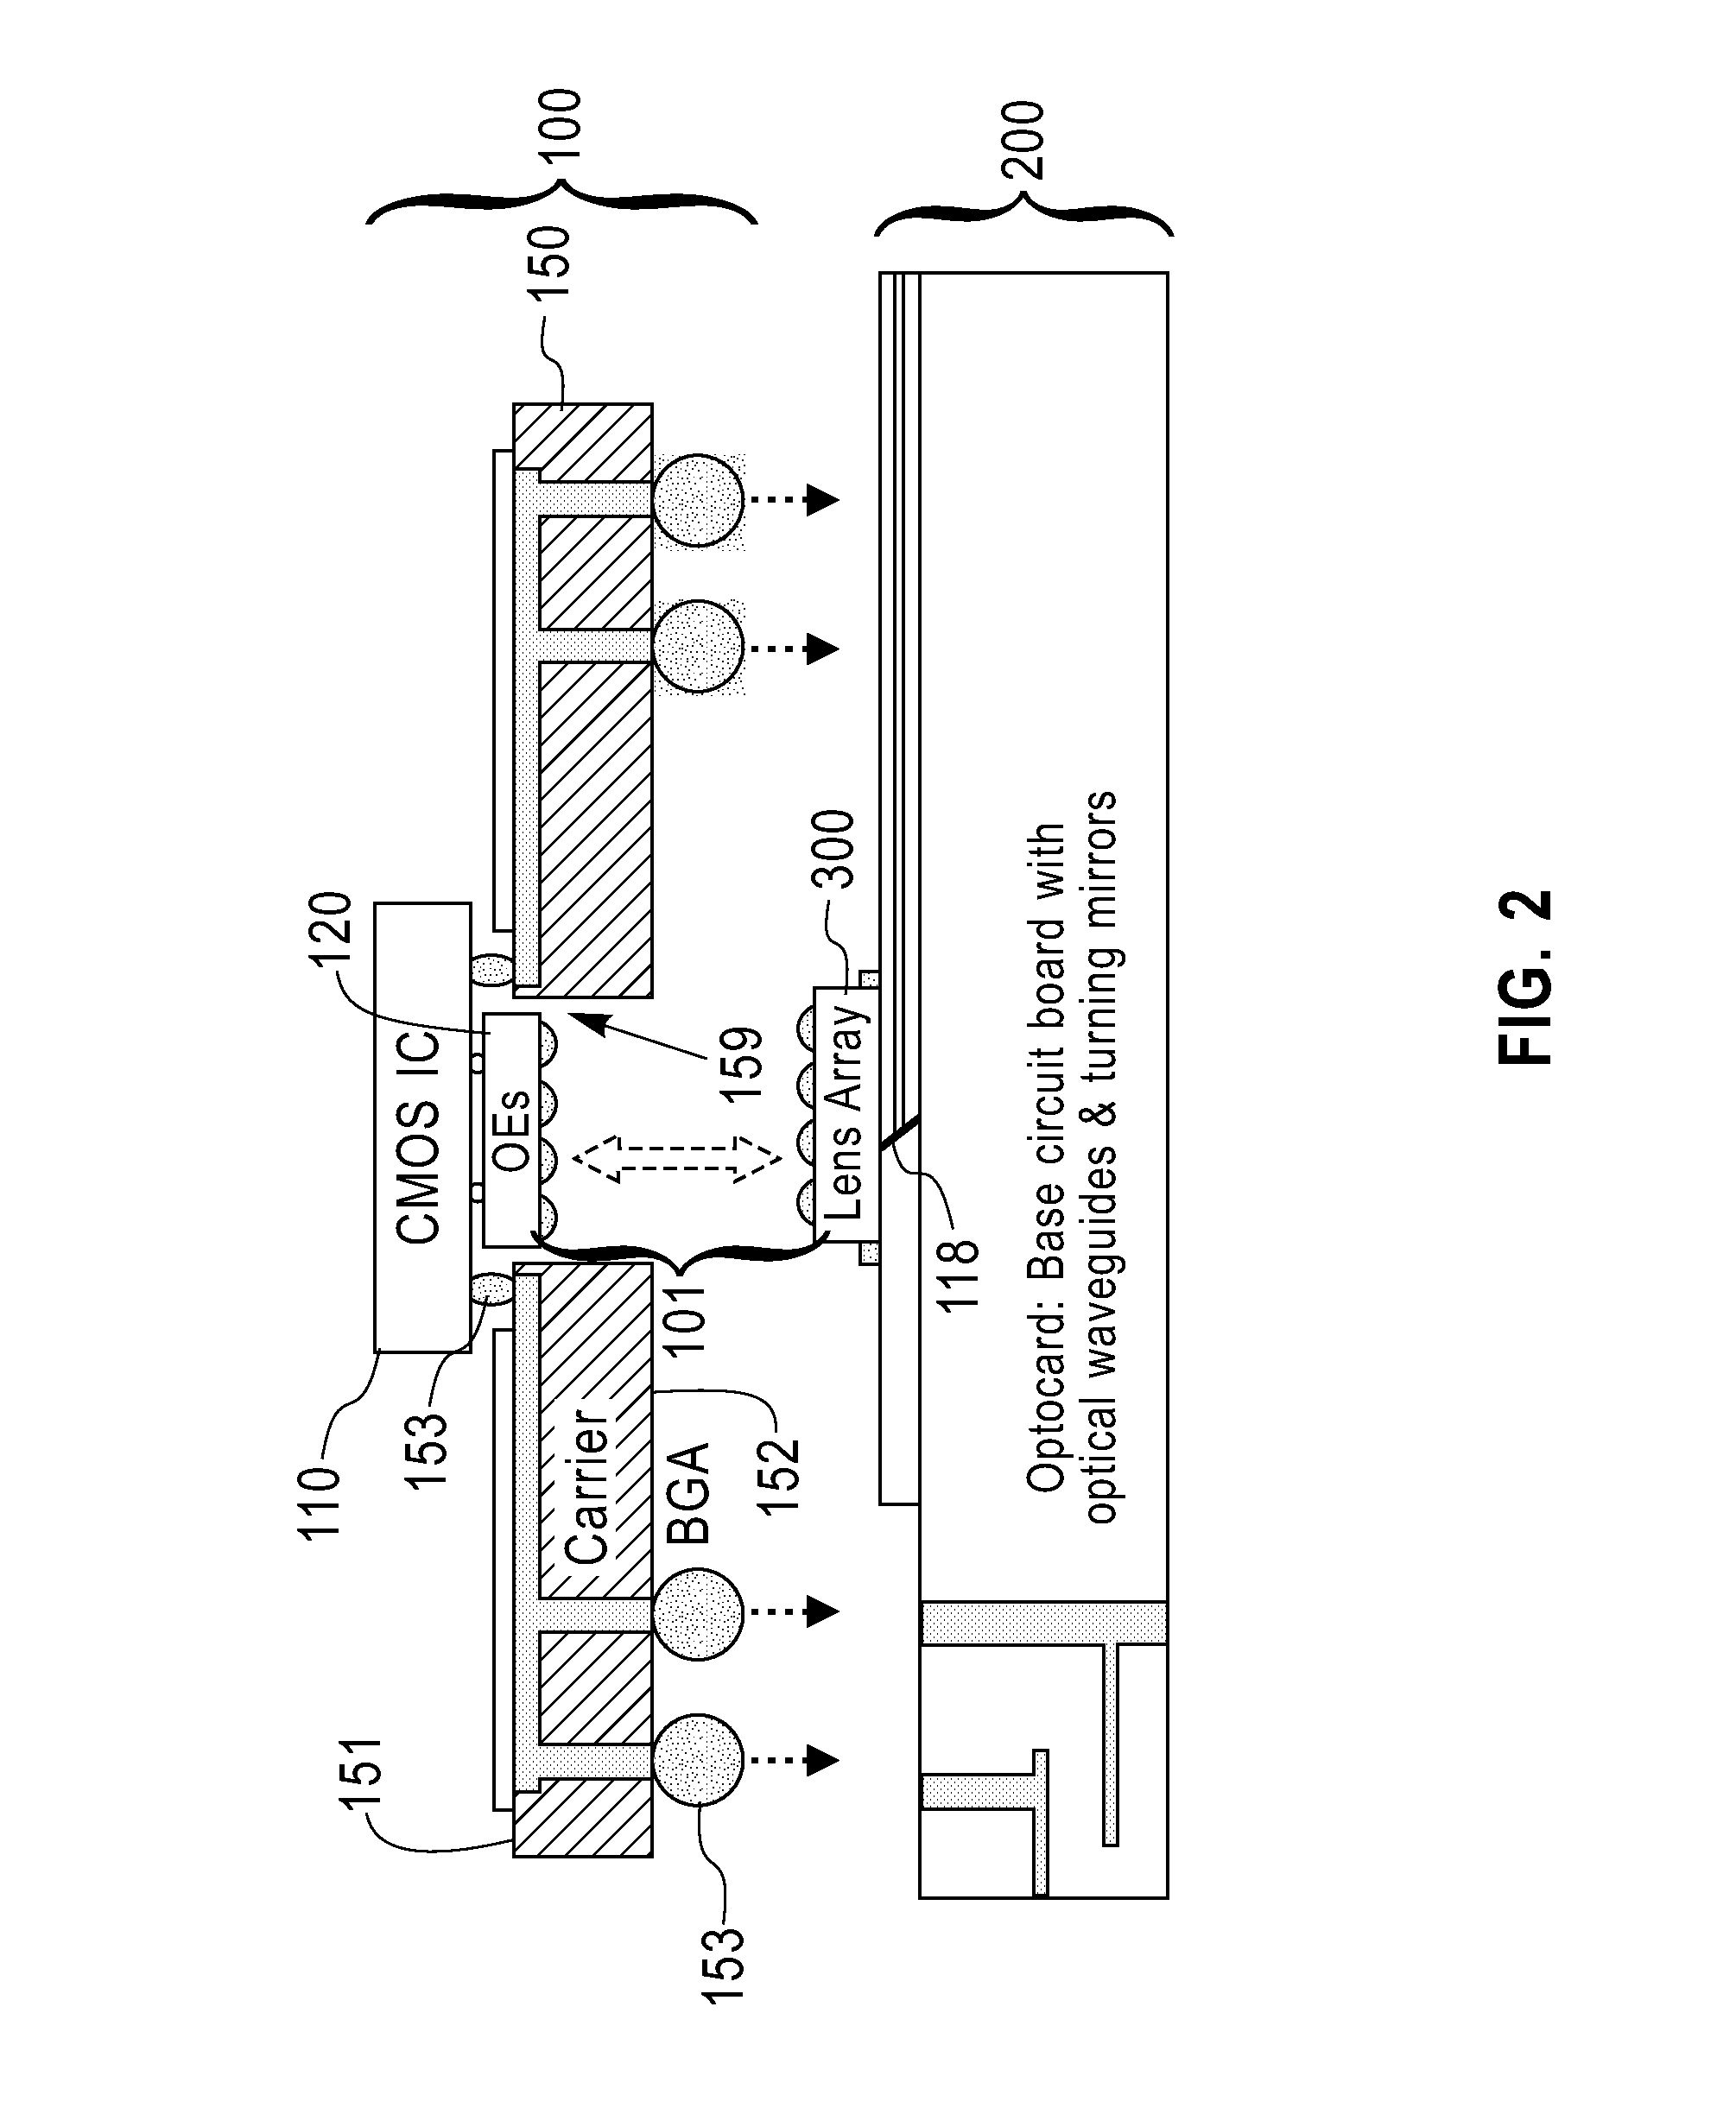 patent us8231284